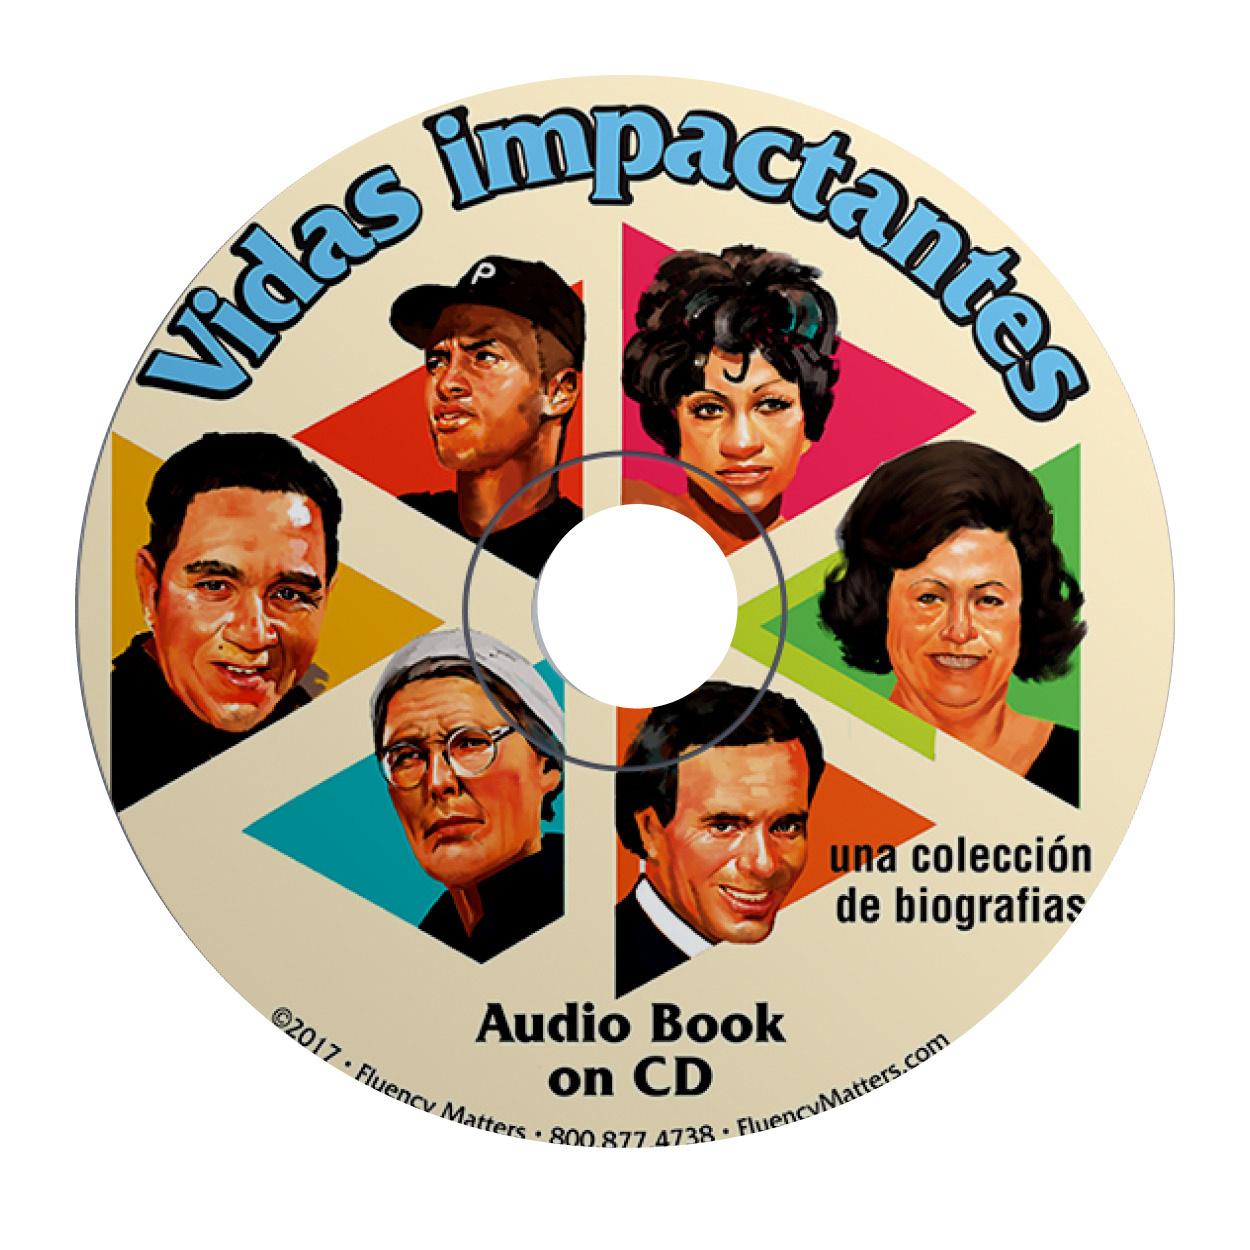 Vidas impactantes - Audiobook